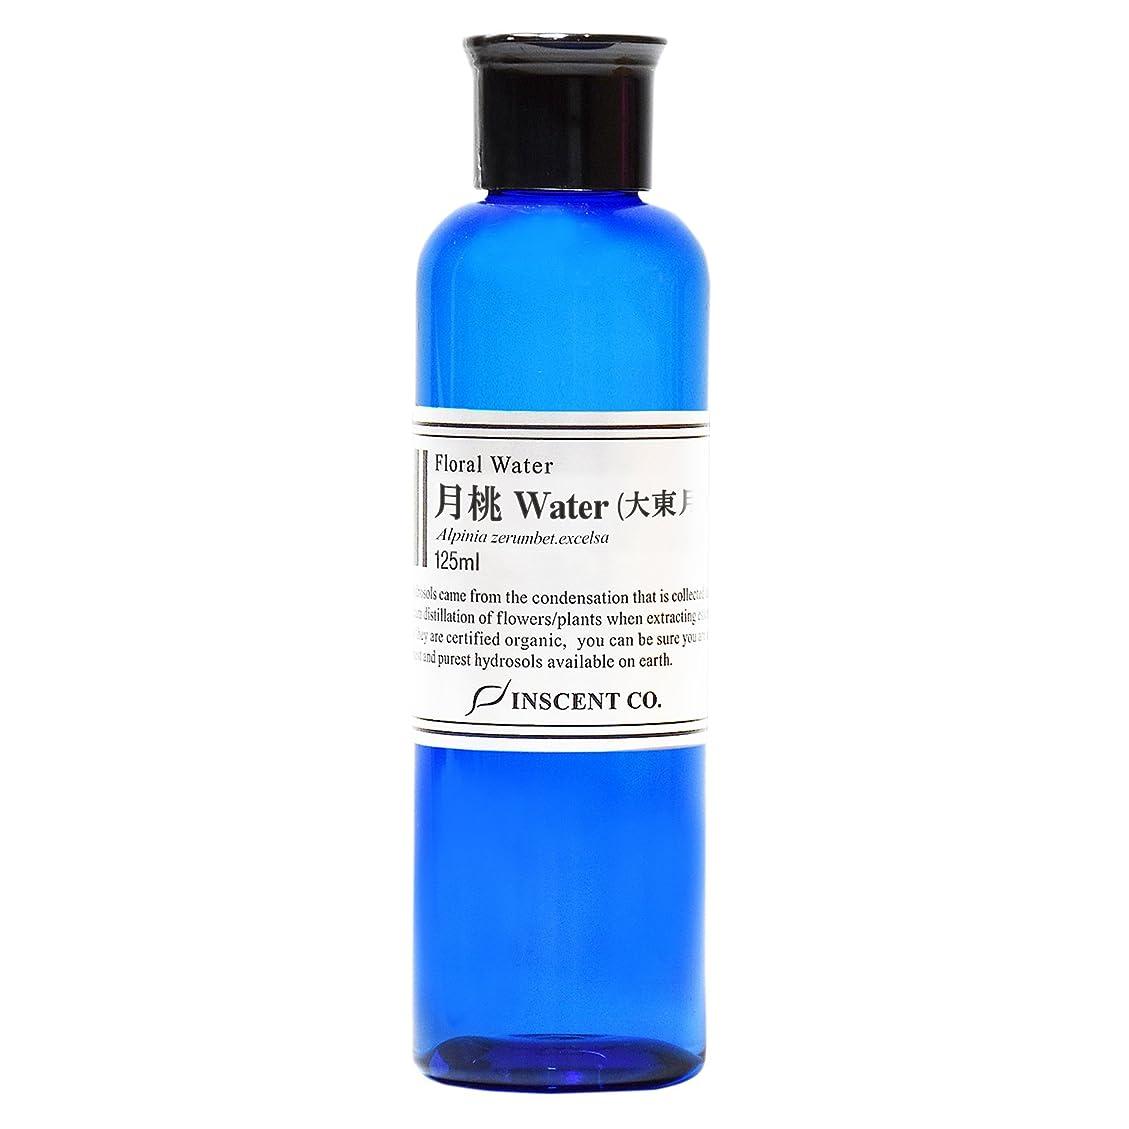 突き出すロデオアラブ人フローラルウォーター 月桃 (げっとう) ウォーター (月桃水) 125ml (ハイドロゾル/芳香蒸留水) ※月桃独特の薬草が焦げたような香りがあります。